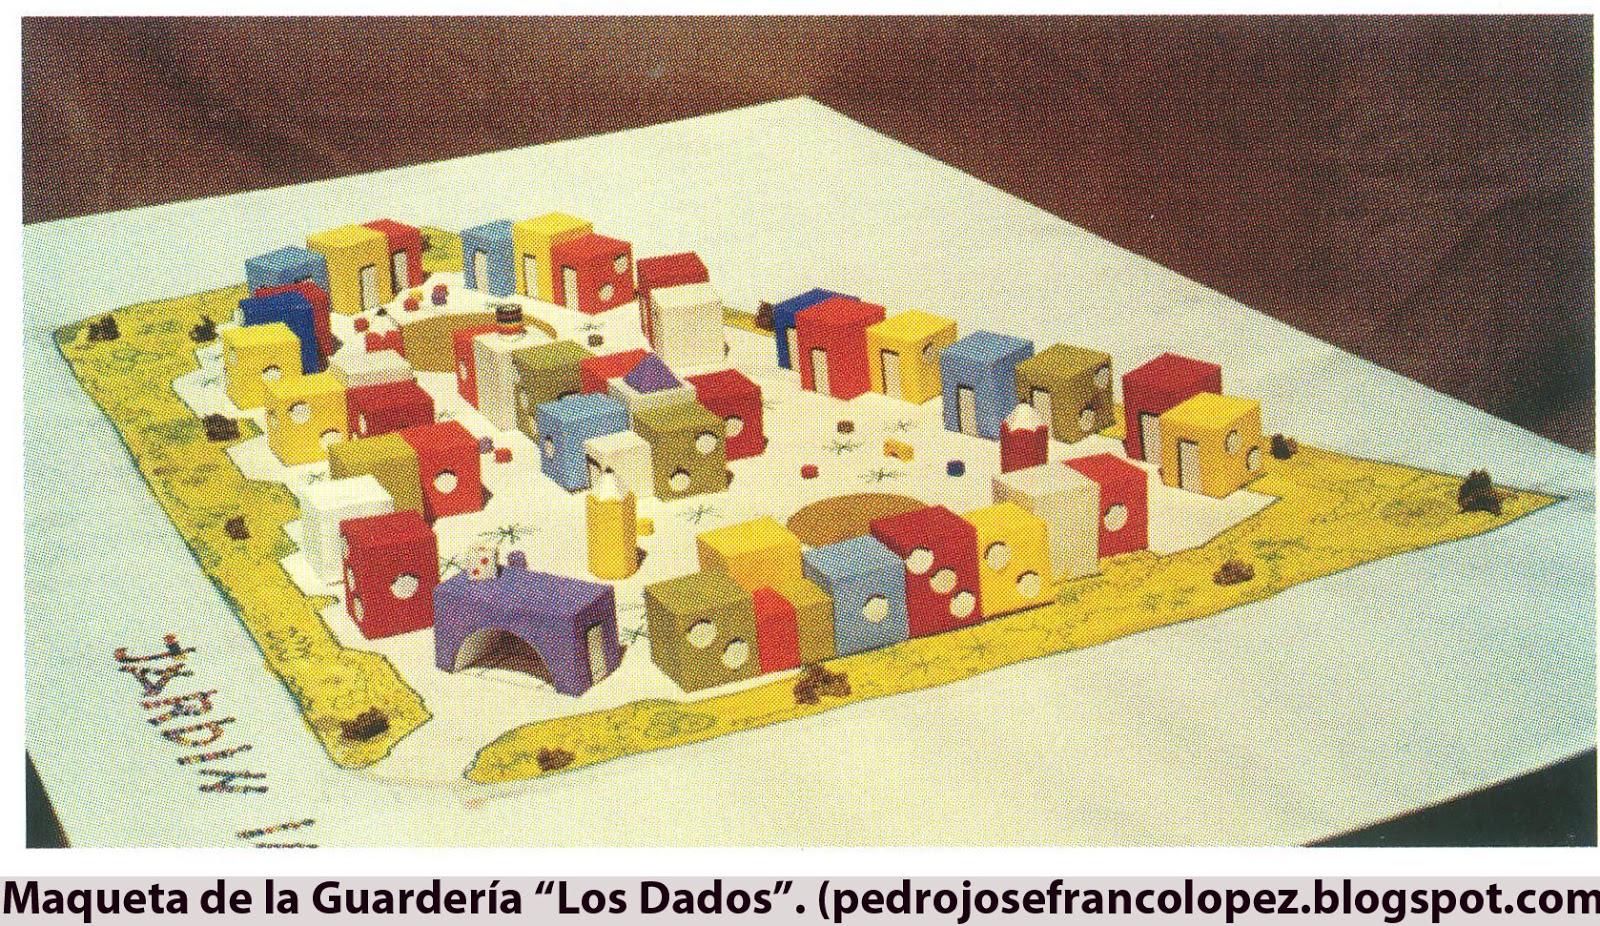 Elmianodemaspalomas cuarenta aniversario del jard n de infancia guarder a los dados - Tecnico jardin de infancia ...